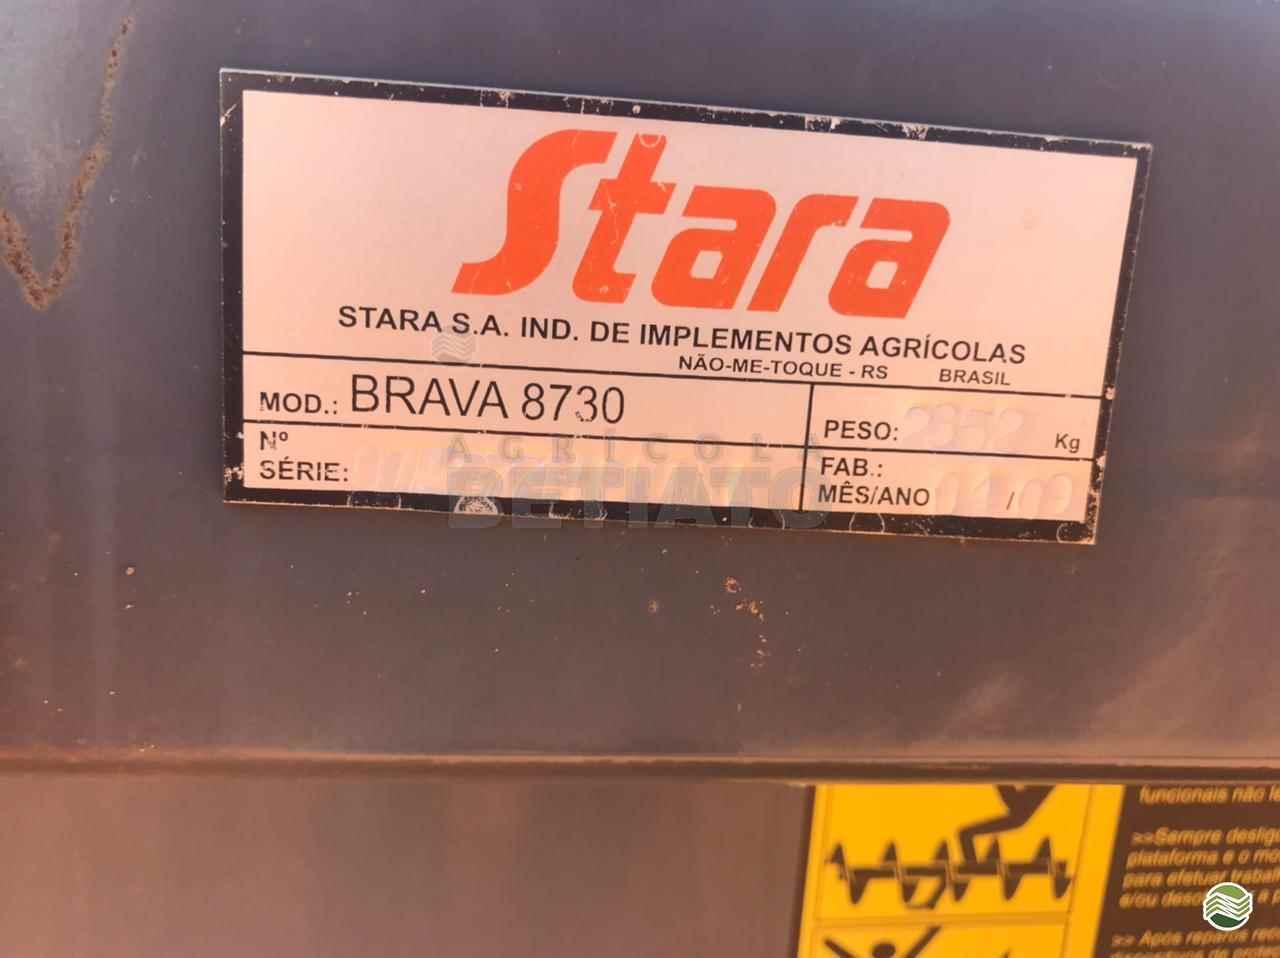 PLATAFORMA COLHEITADEIRA STARA BRAVA 8730 Agrícola Betiato - Stara CAMPO VERDE MATO GROSSO MT